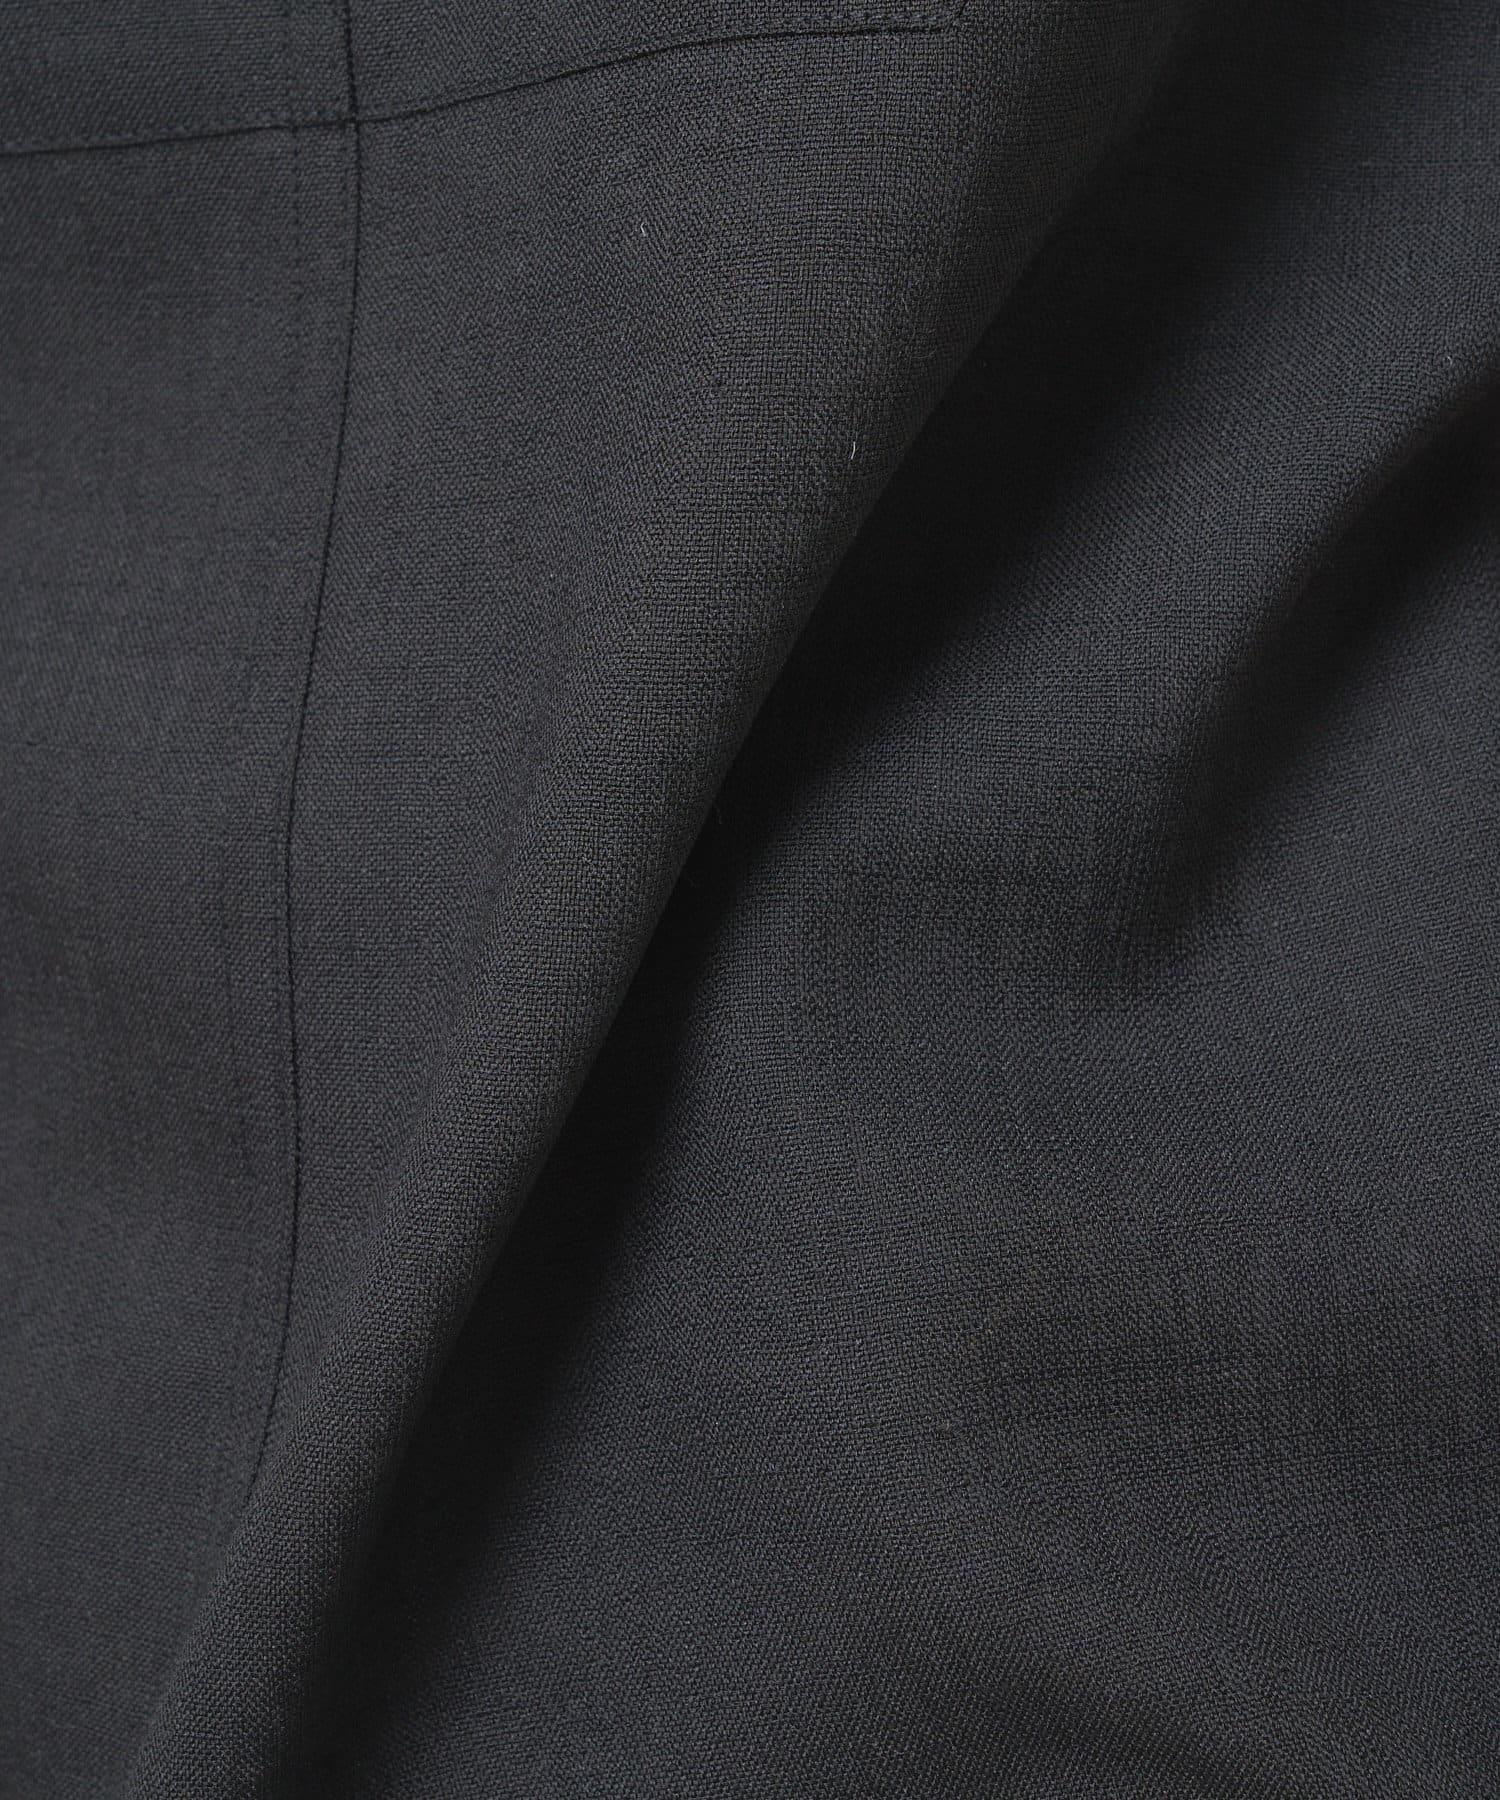 COLLAGE GALLARDAGALANTE(コラージュ ガリャルダガランテ) 【抜け感をうむネックライン】オーバーシルエットスキッパーブラウス